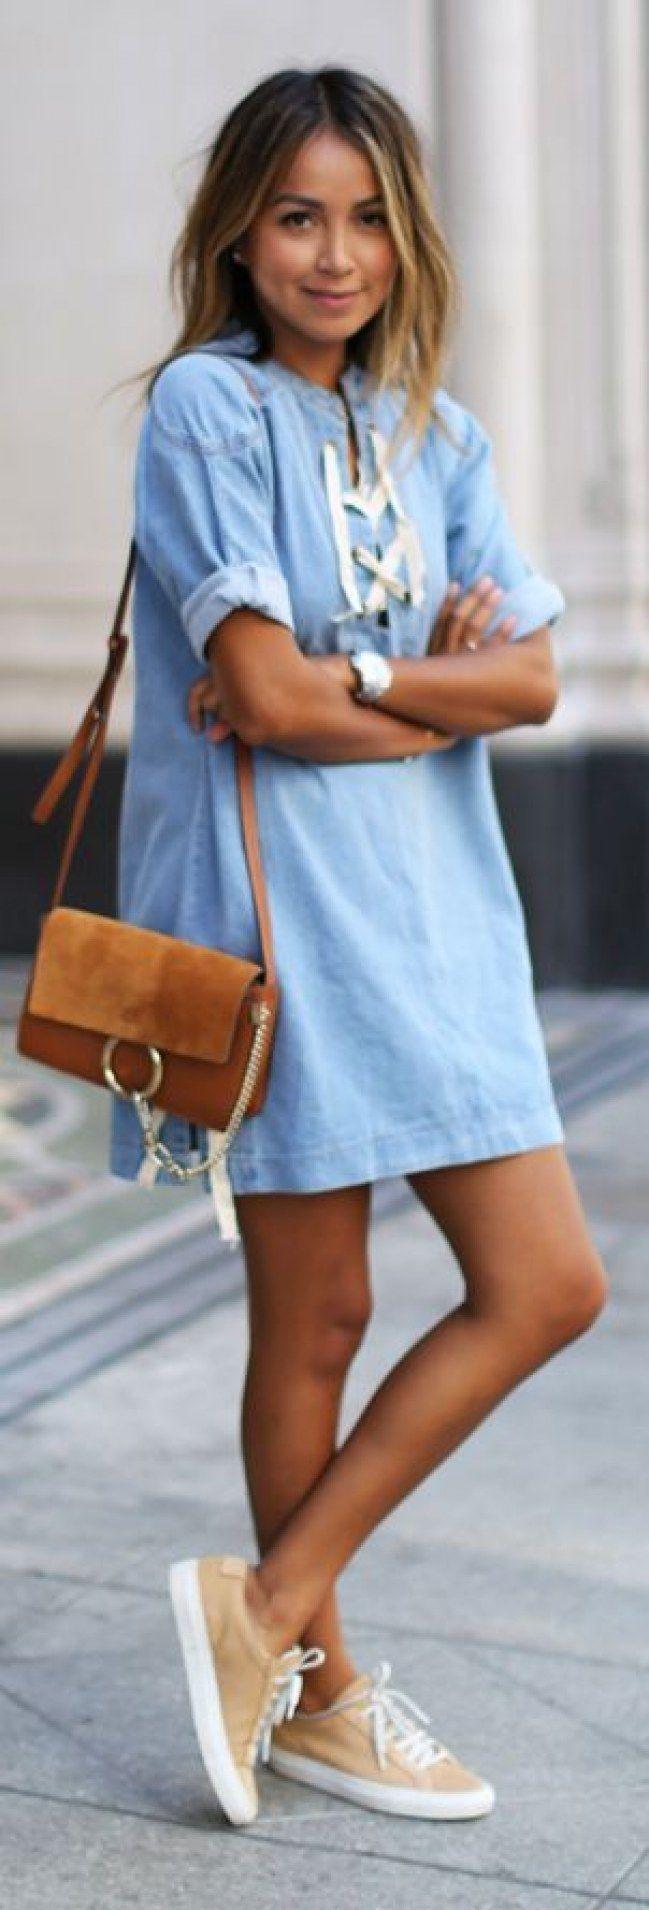 Maillot de bain : Pinterest : 20 petites robes repérées pour lété